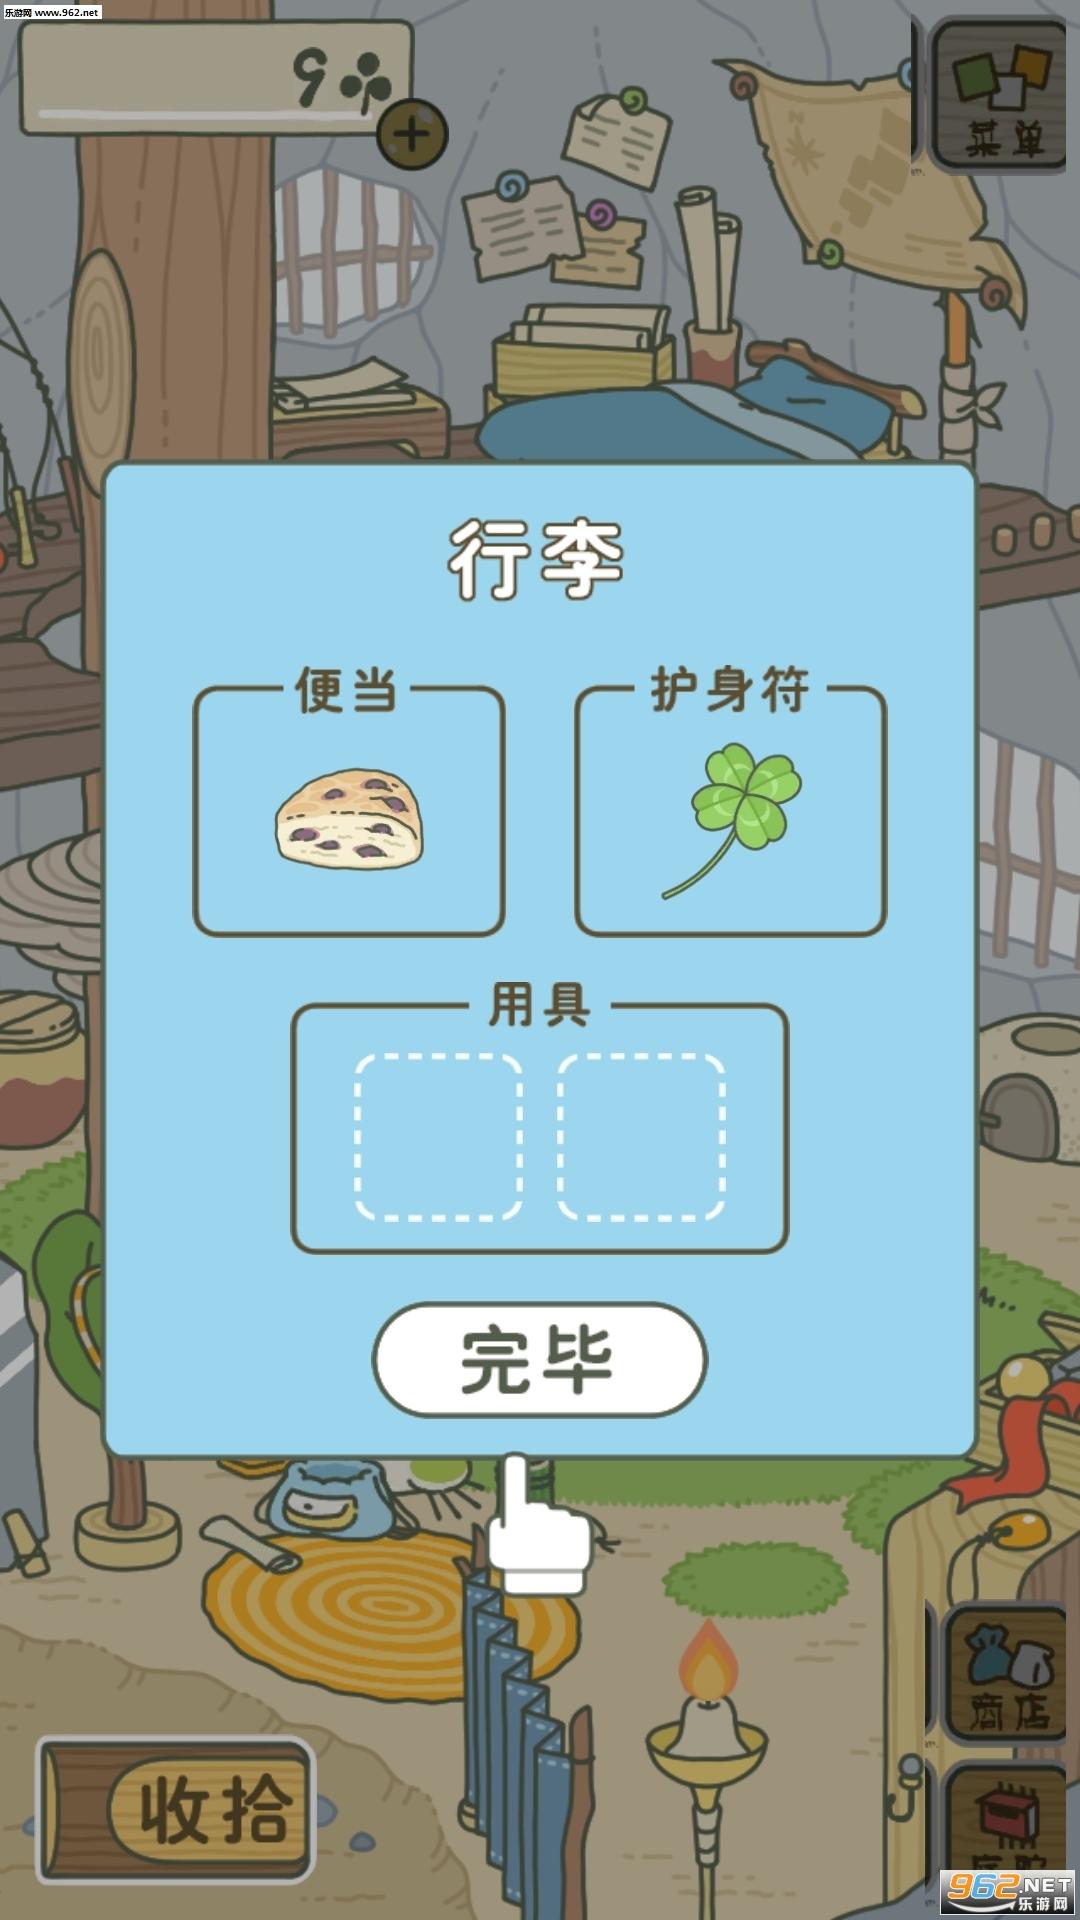 青蛙去旅行游戏汉化版手谈汉化最新版_截图4